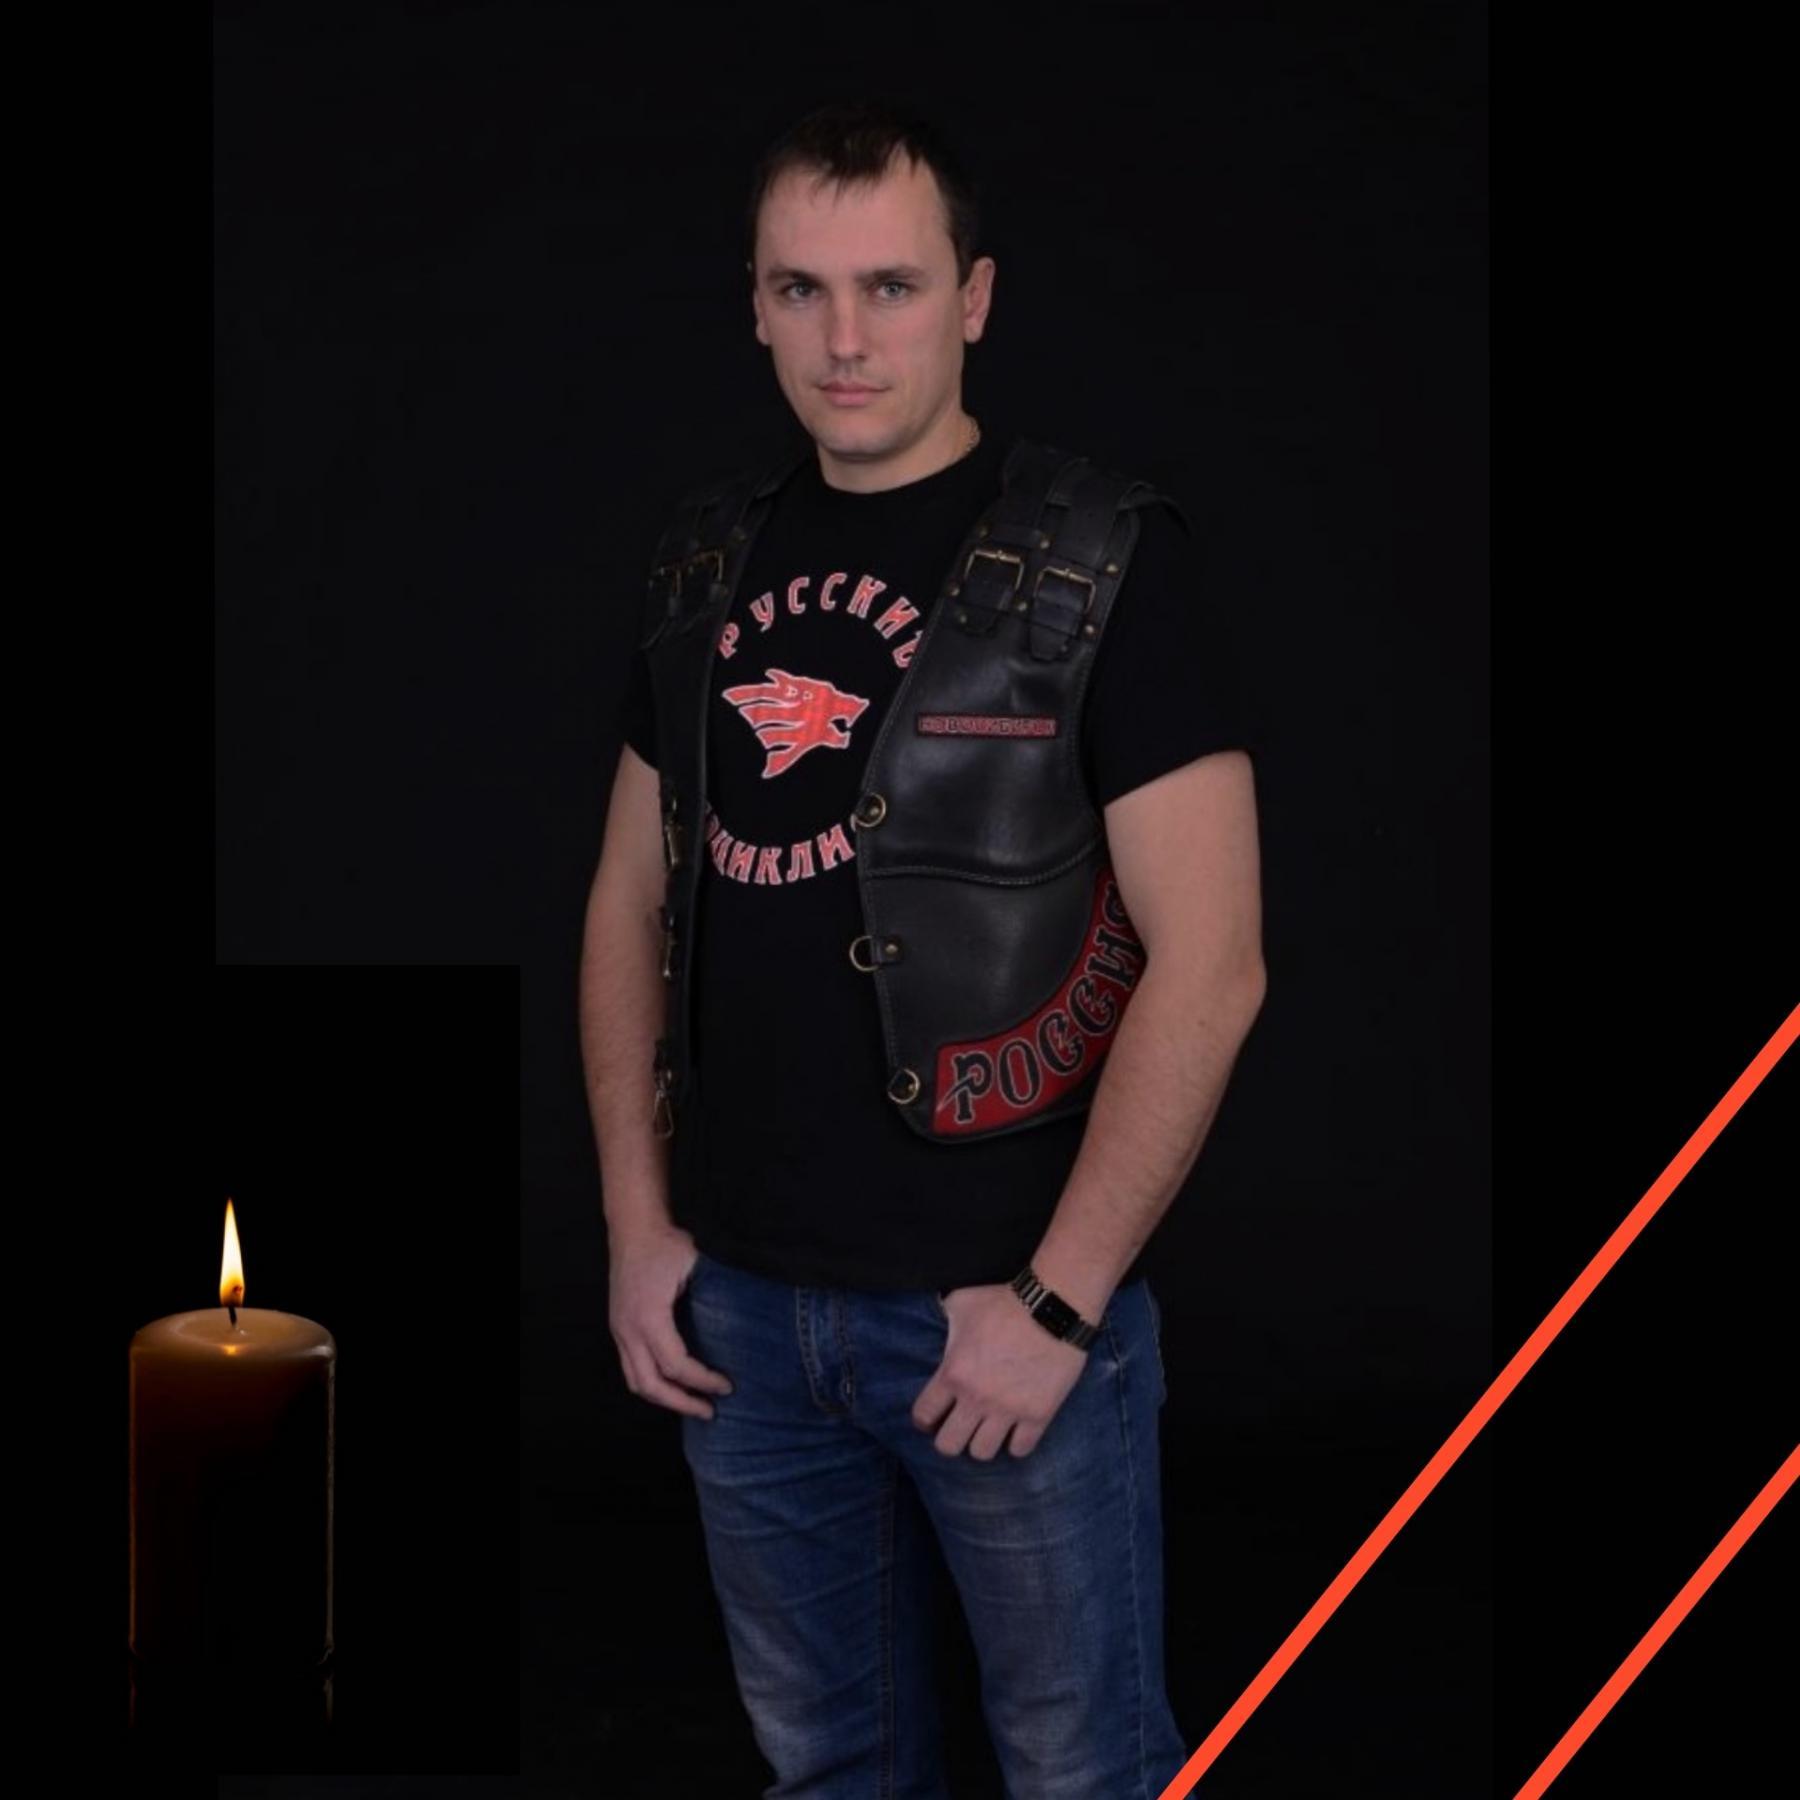 фото «Ночной волк» из Новосибирска вместе с семьёй погиб в автокатастрофе 2